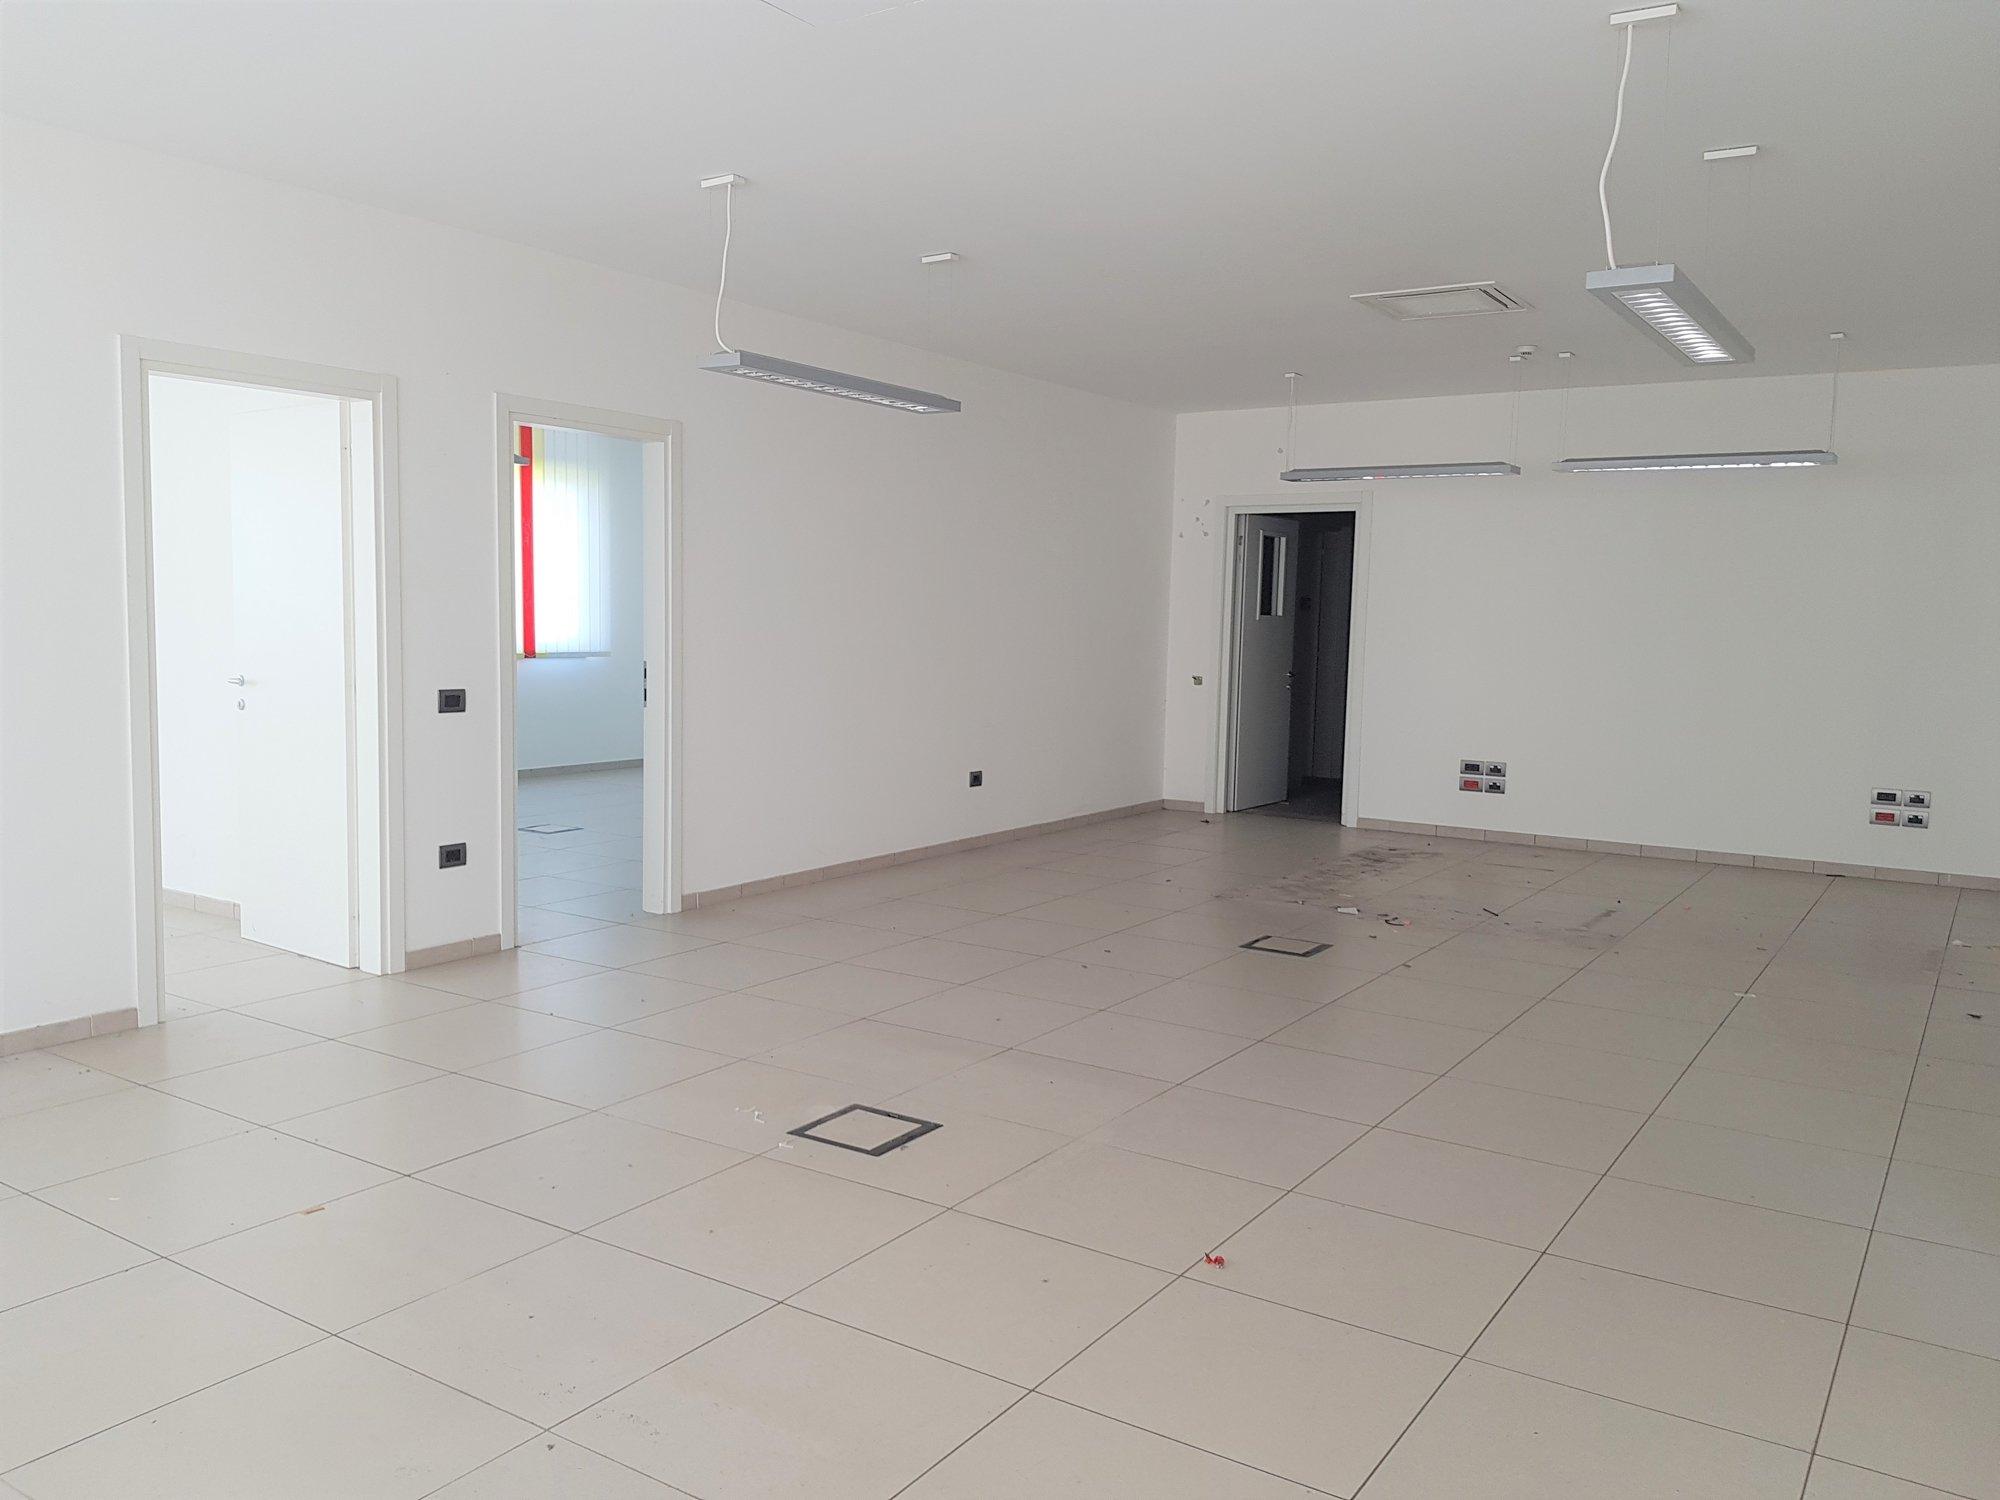 Büroraum_vano ufficio